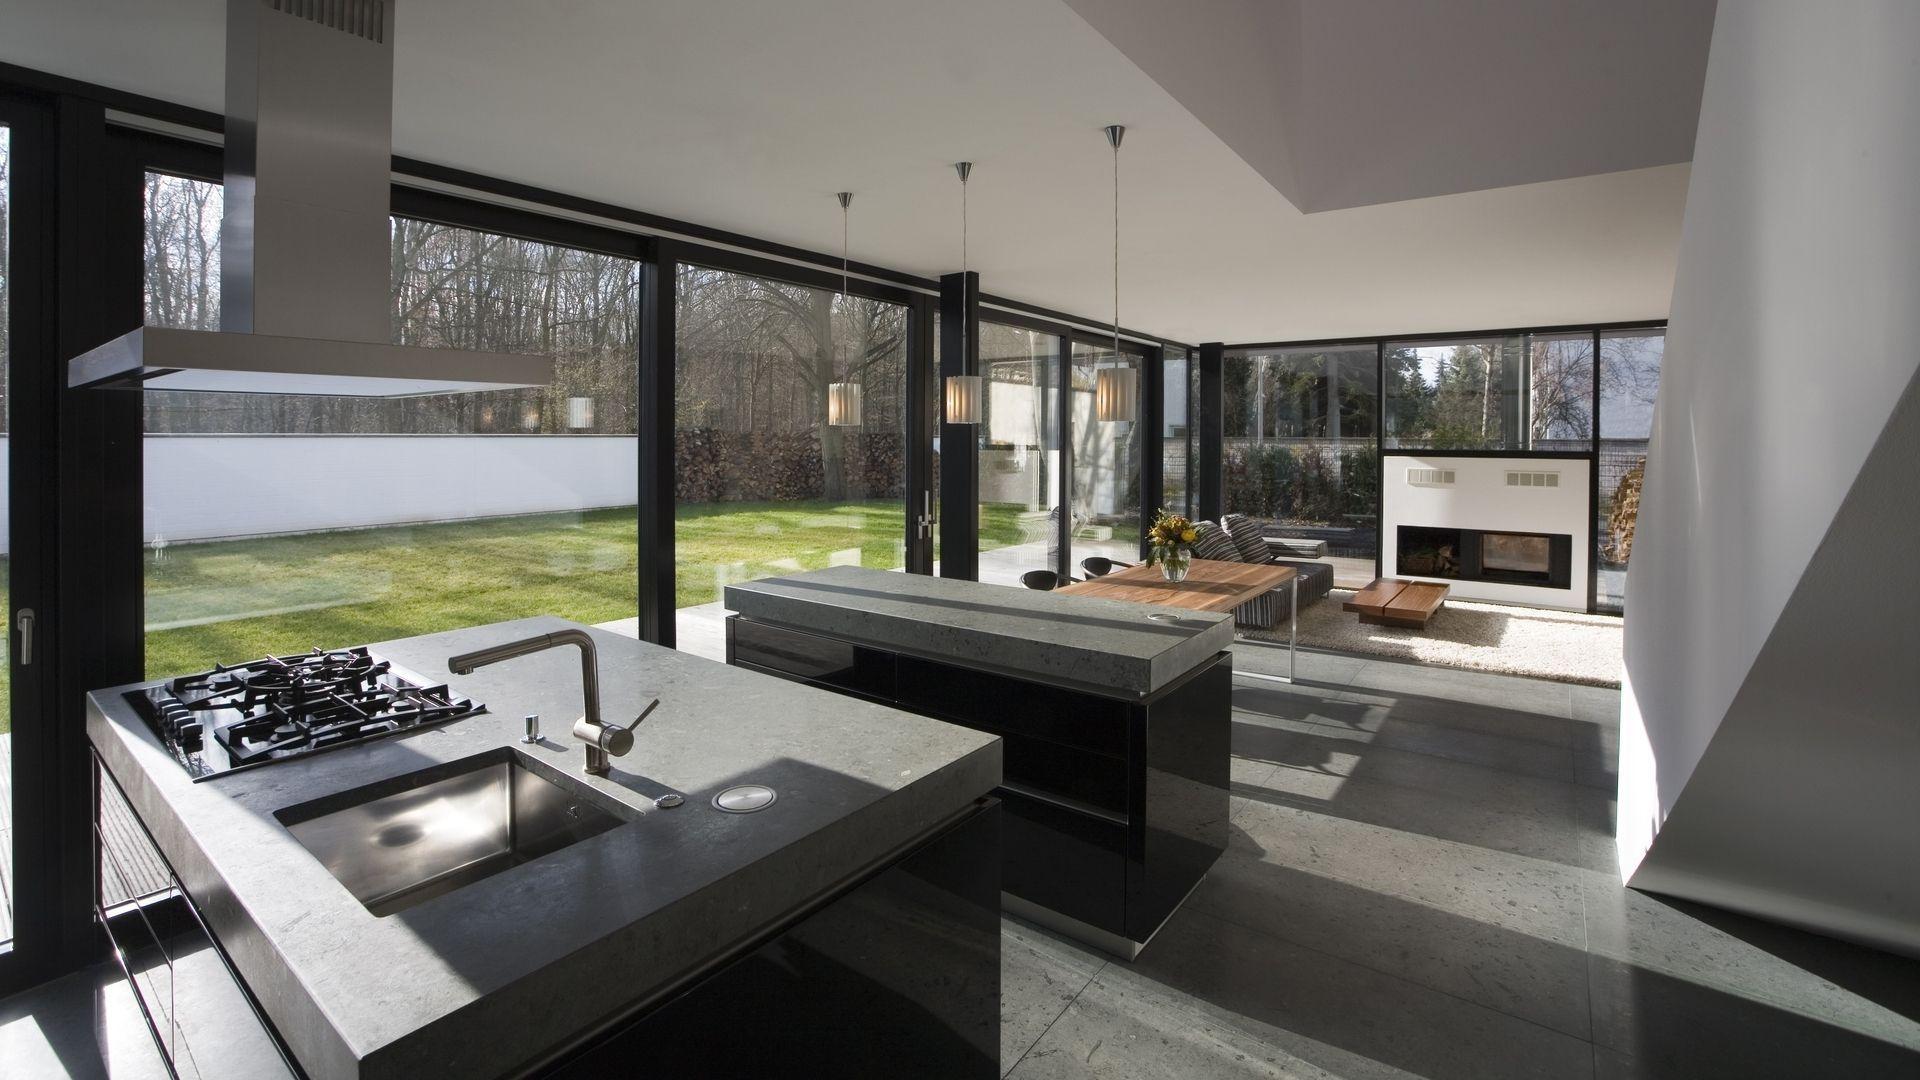 bauen und modernisieren in haus und garten haus pinterest haus und garten. Black Bedroom Furniture Sets. Home Design Ideas